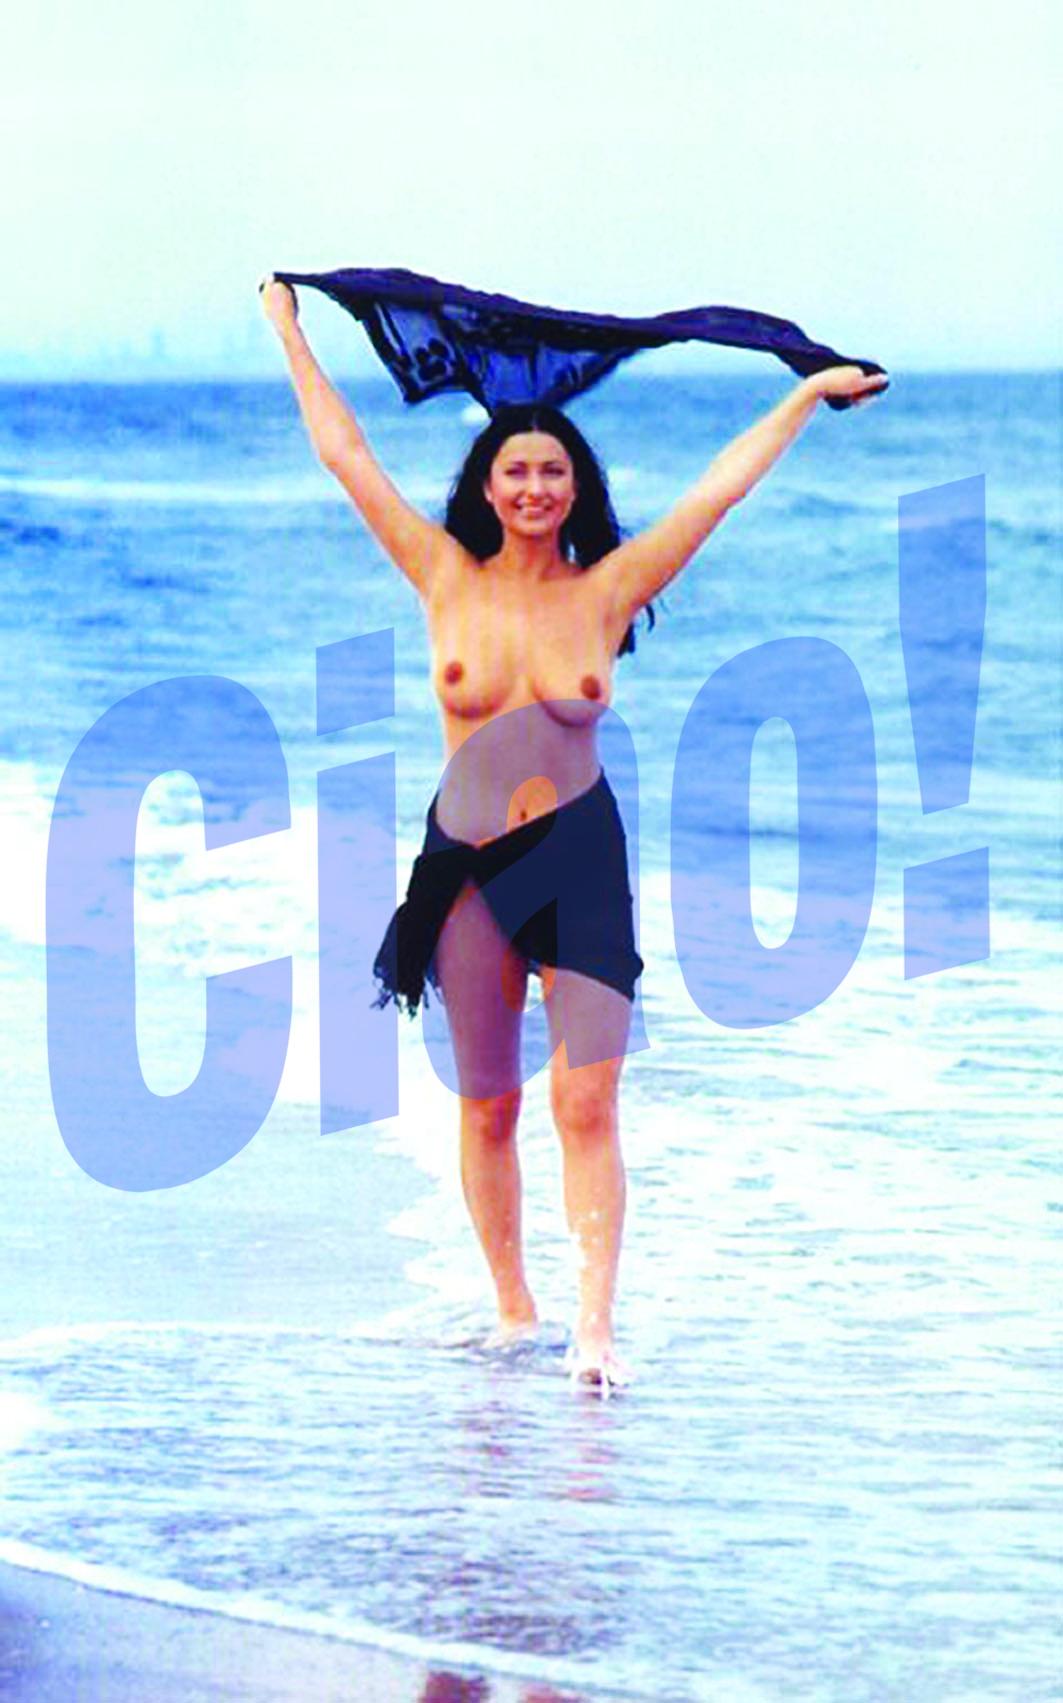 In 2000, Cristea facea furori pe plaja, etalandu-si sanii si trupul de sirena